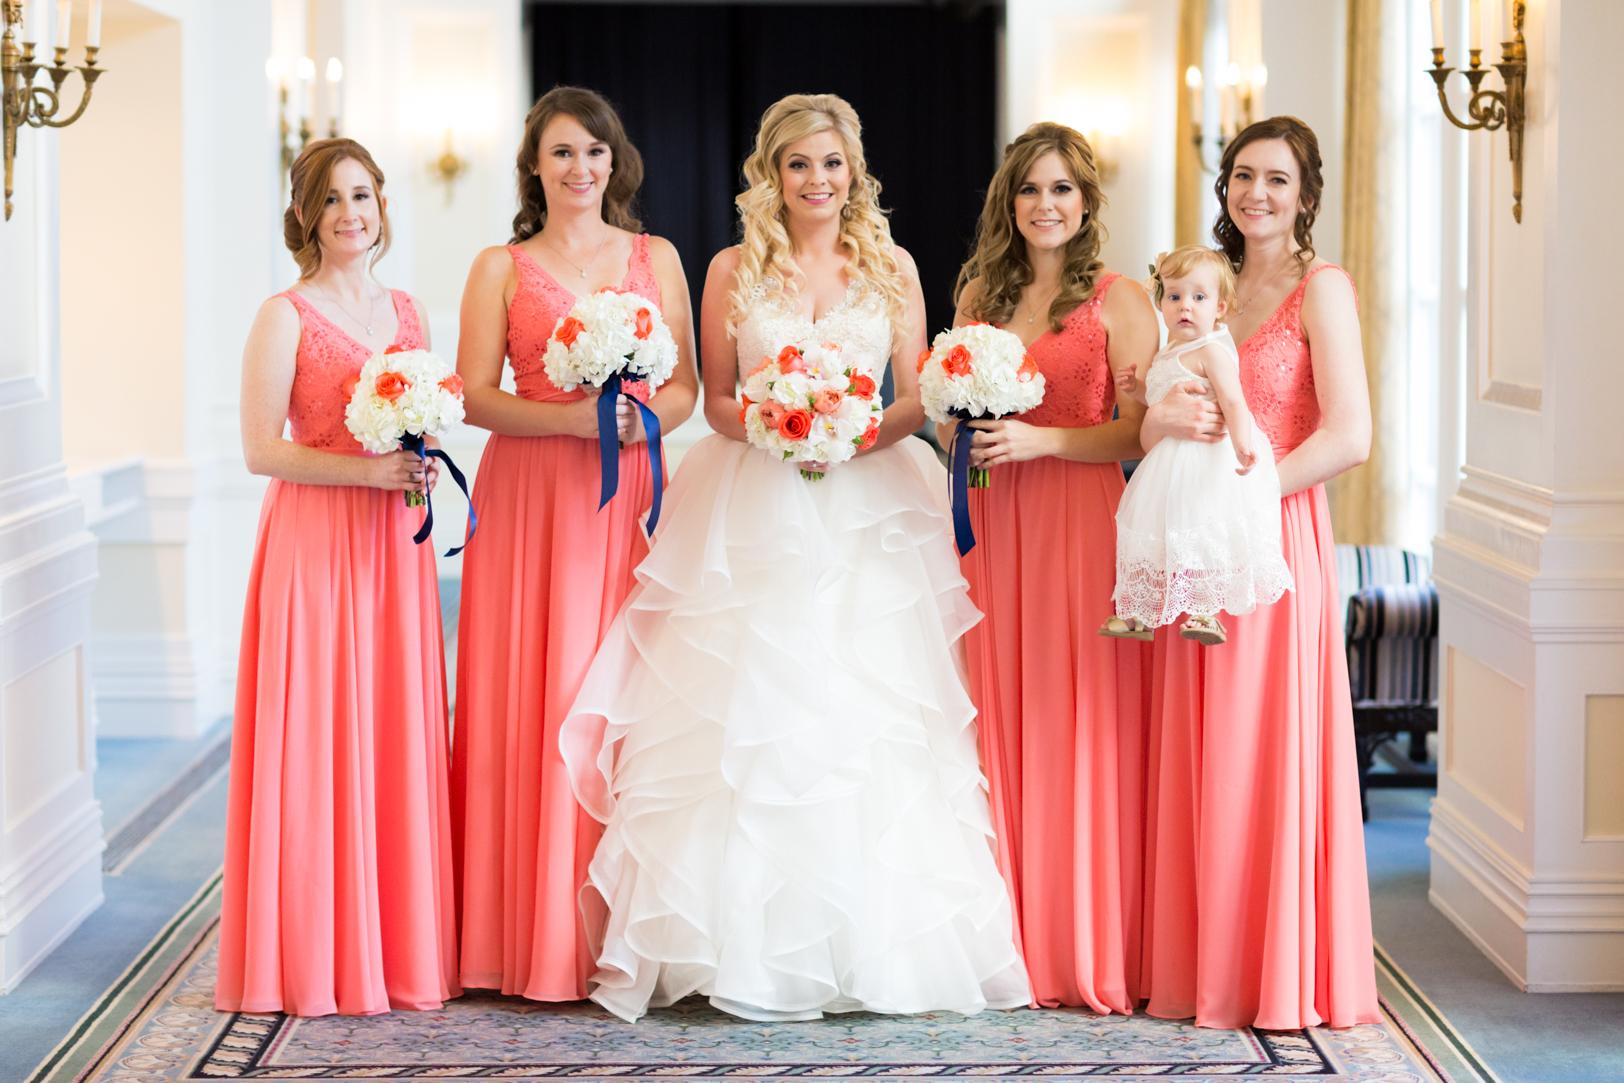 wedding photos at hotel macdonald